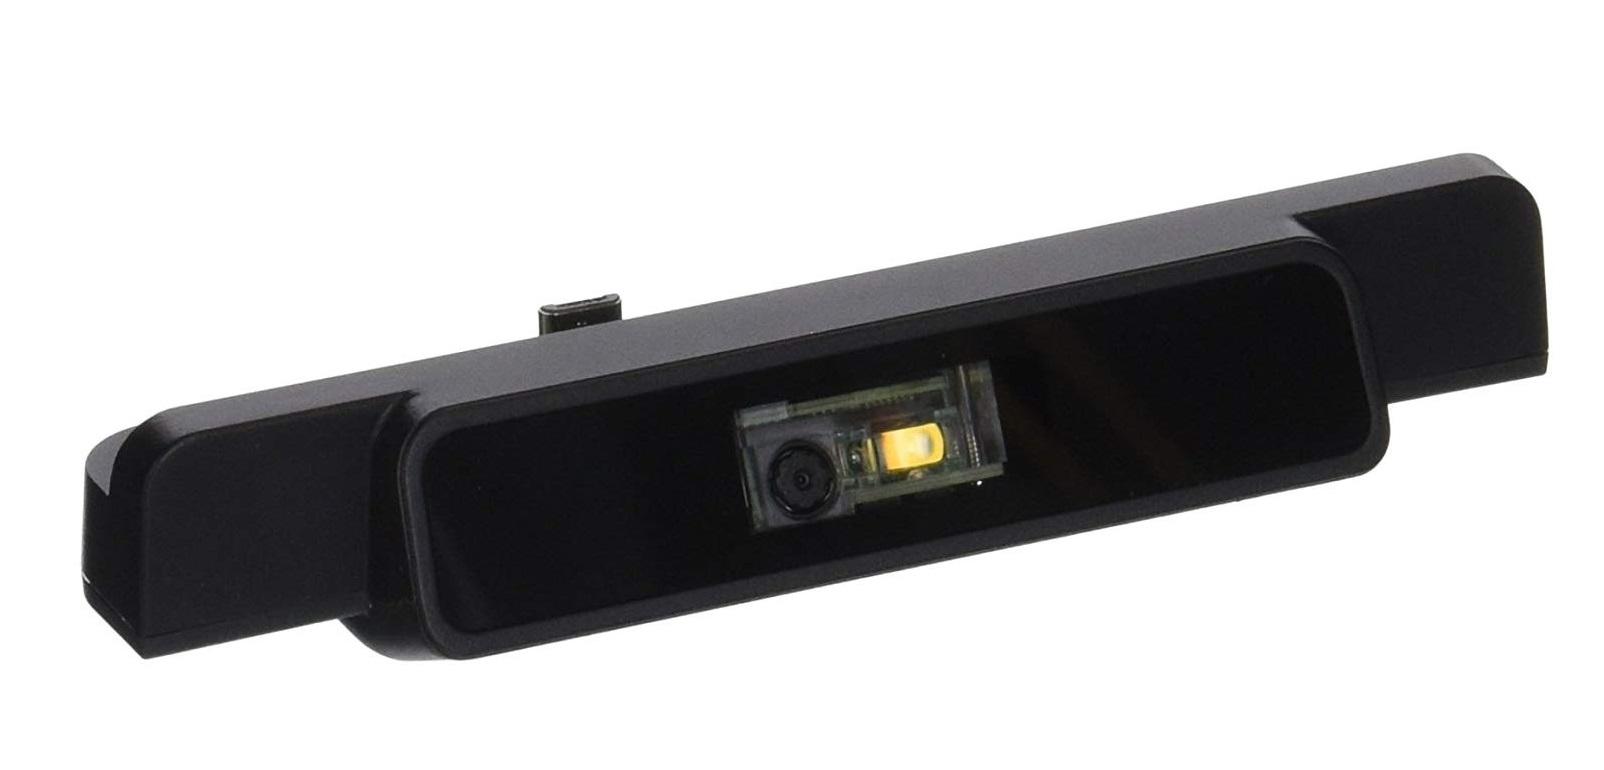 ELO 2D BarCode Scanner Black E926356